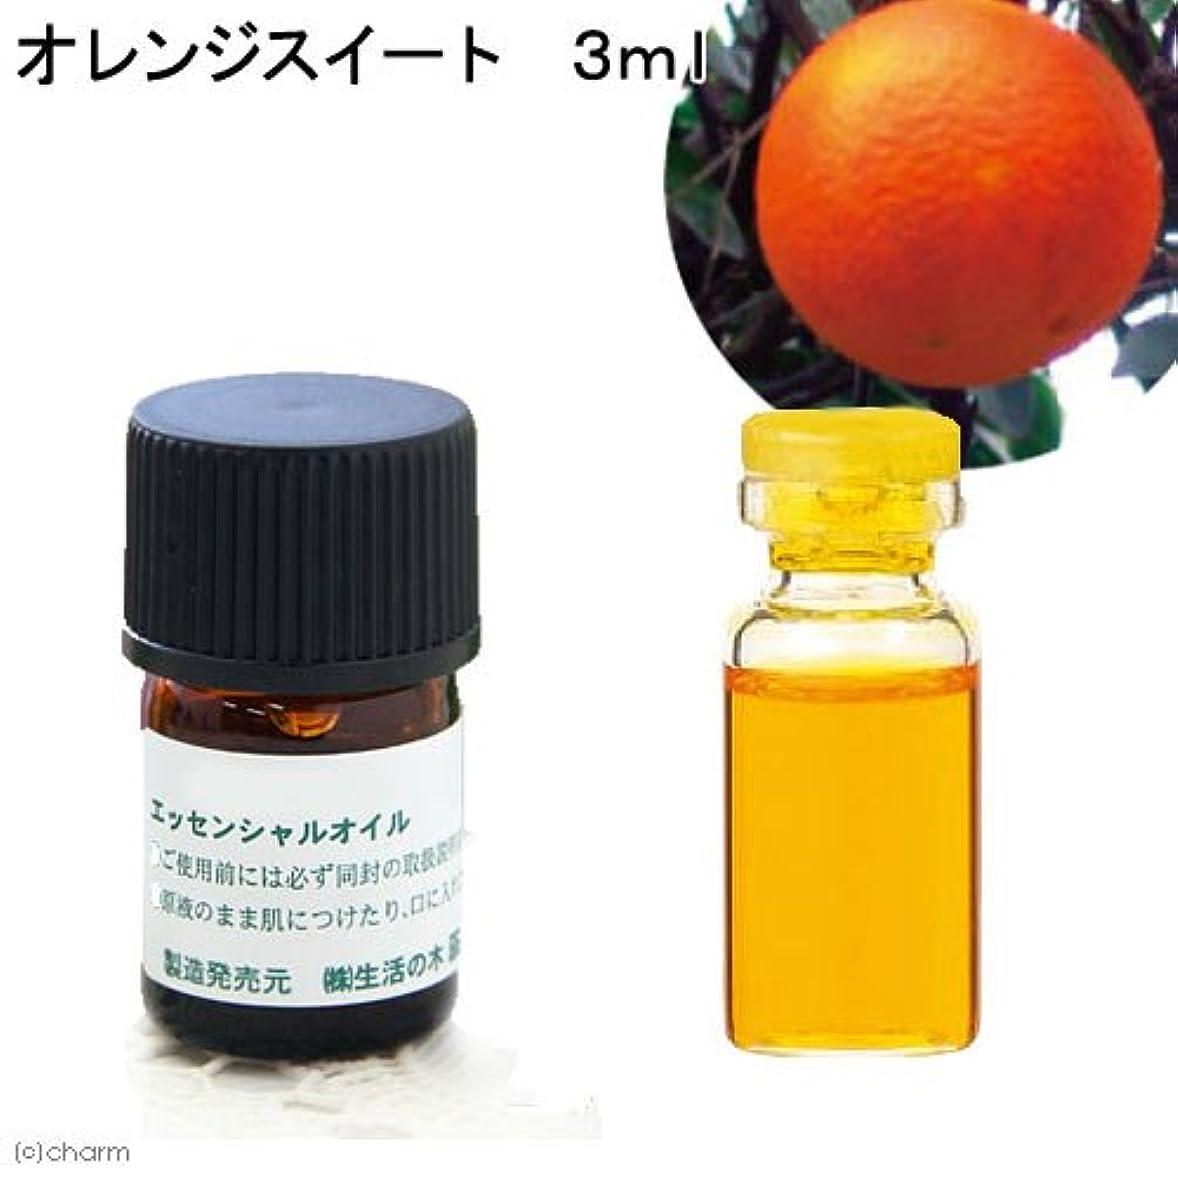 羊の急流凝視生活の木 オレンジスイート 3ml